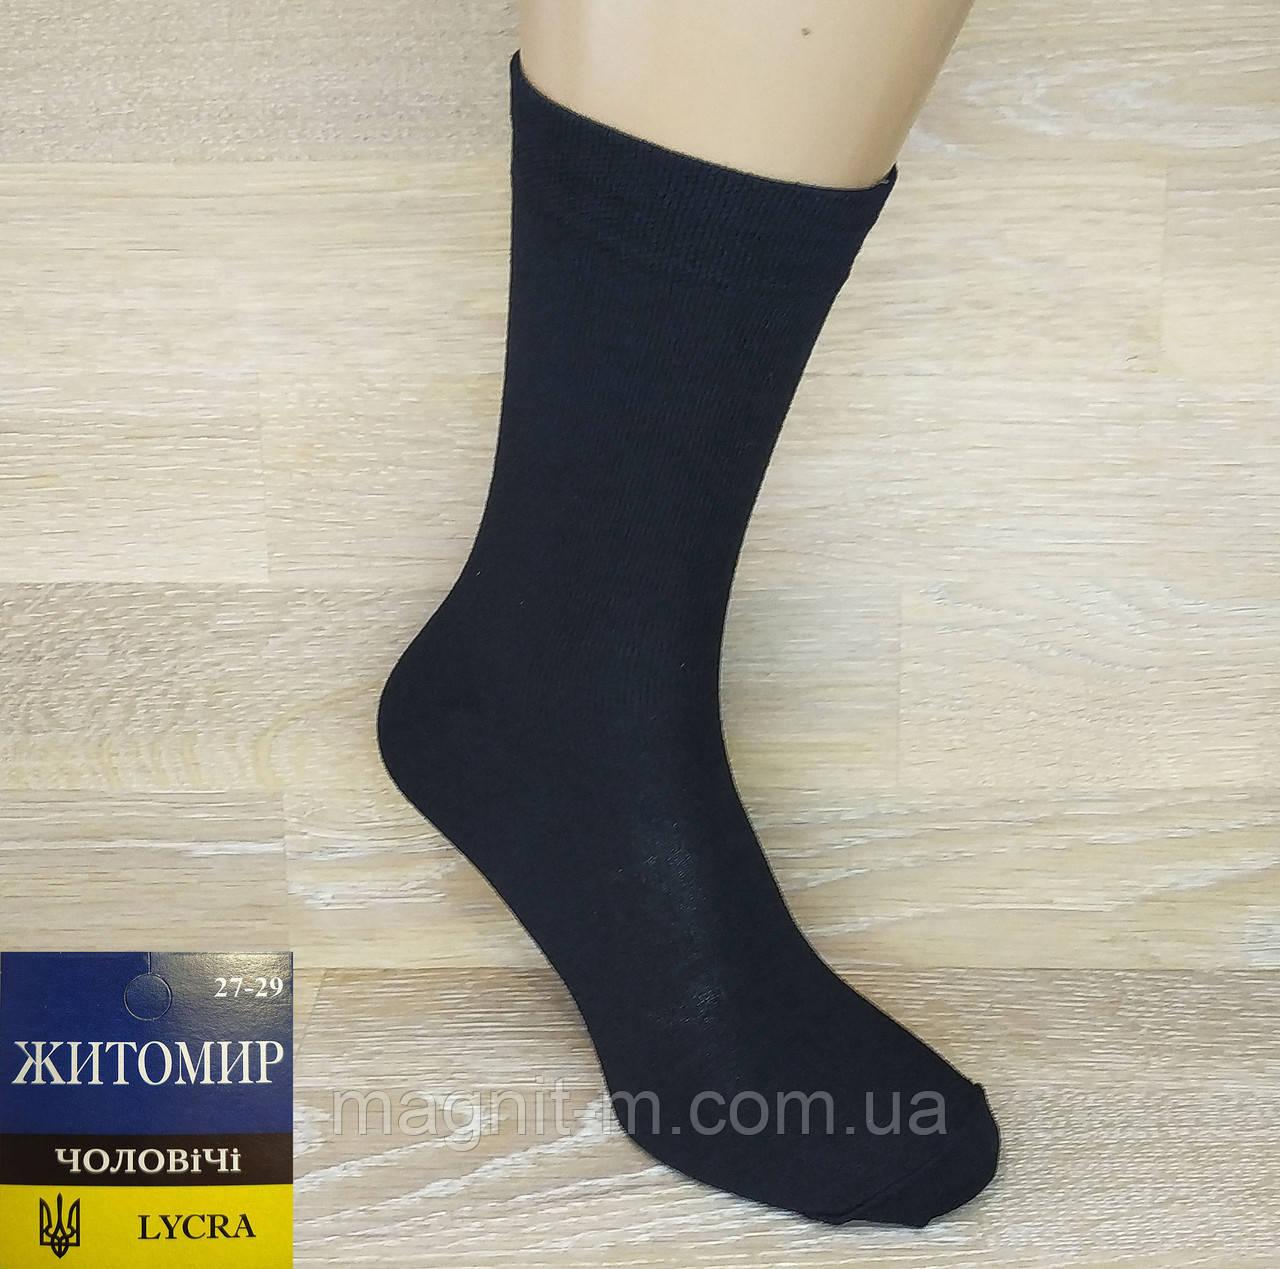 Мужские  носки Житомир LYCRA. Черные.